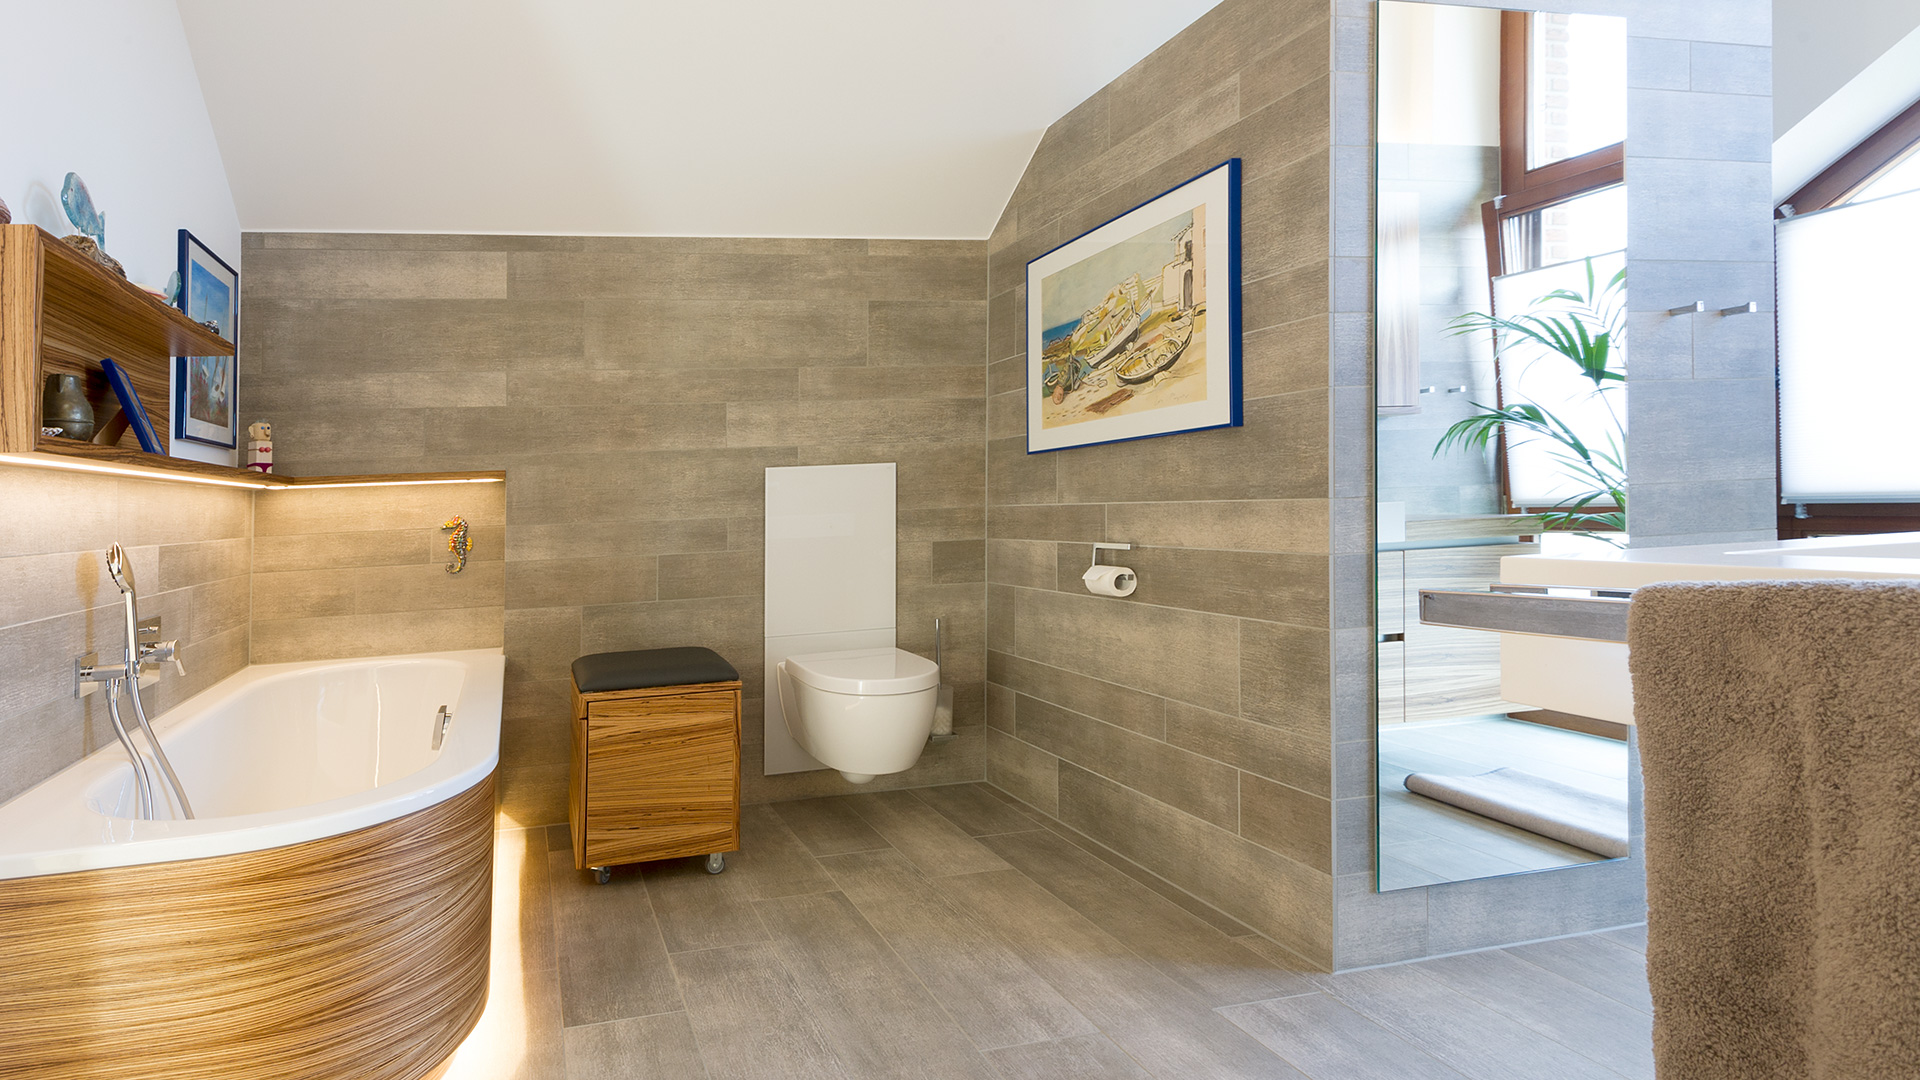 Bad mit beleuchteter Wanne und großem Spiegel in Borken